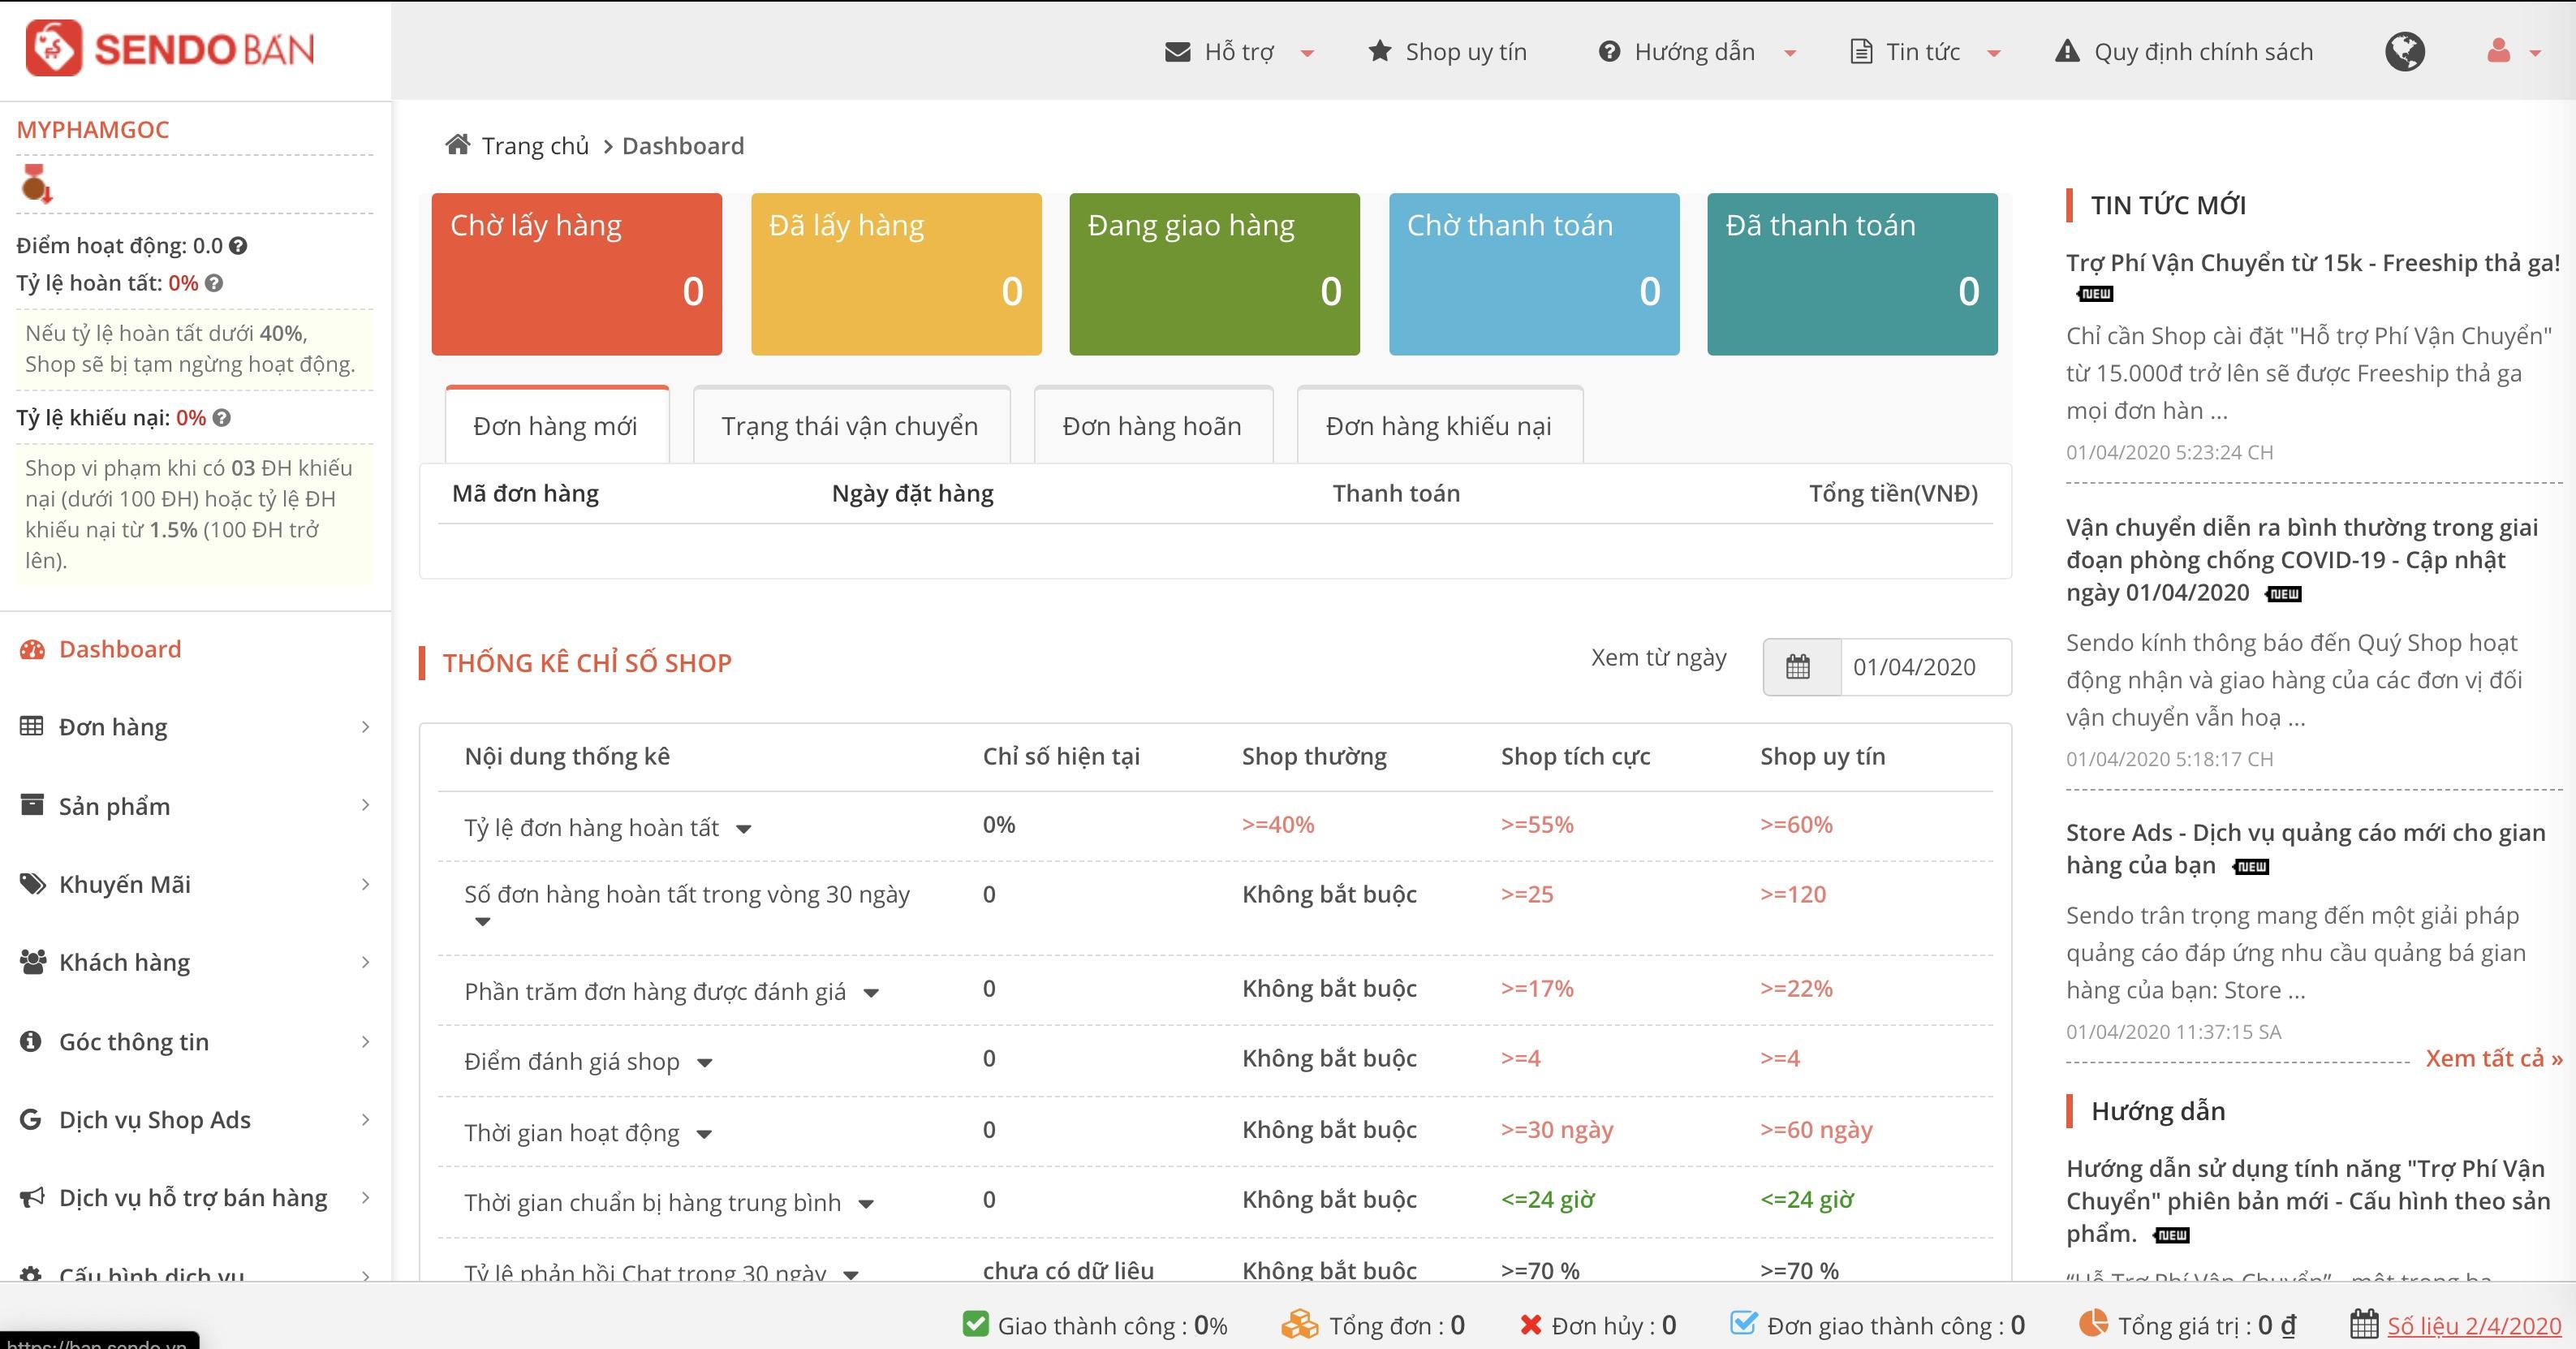 Hướng dẫn đăng ký tài khoản bán hàng Sendo